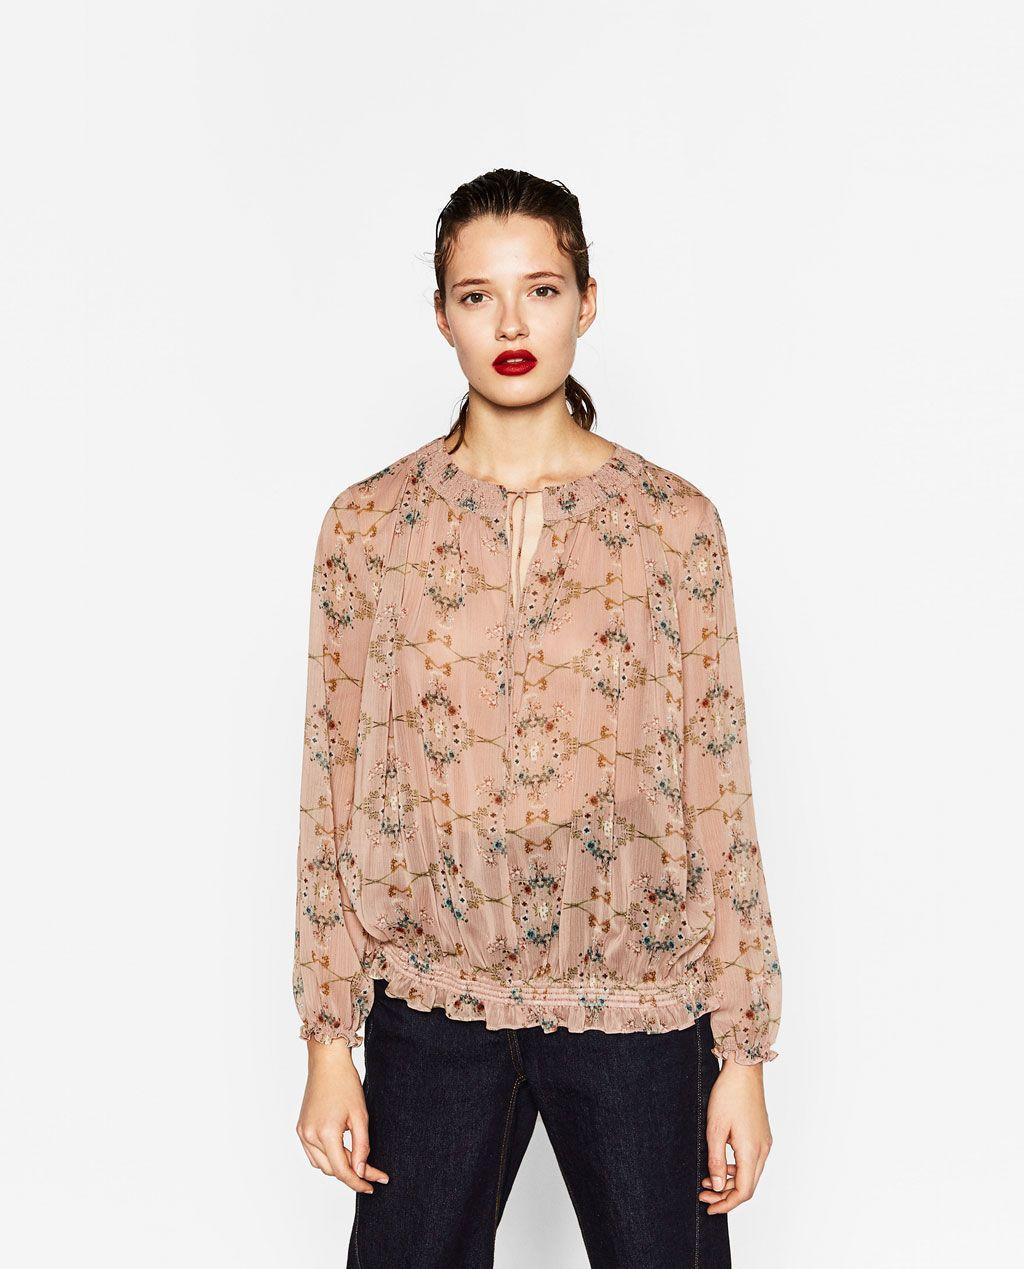 Zdjecie 2 Wzorzysta Bluzka W Kwiaty Z Zara Floral Print Blouses Fashion Tops